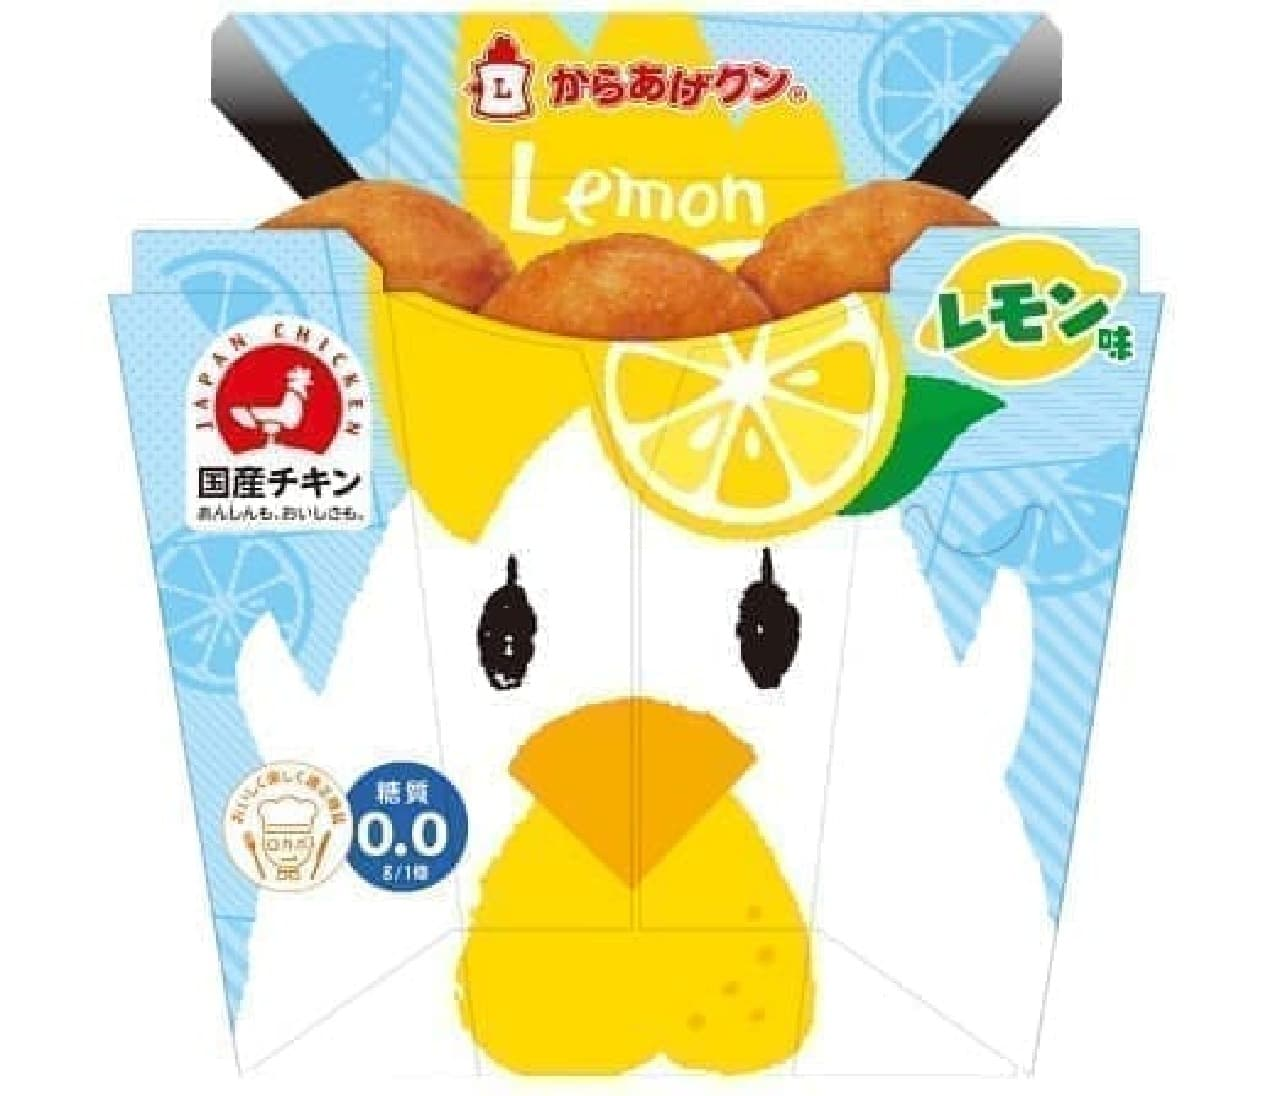 ローソン「からあげクン レモン味」